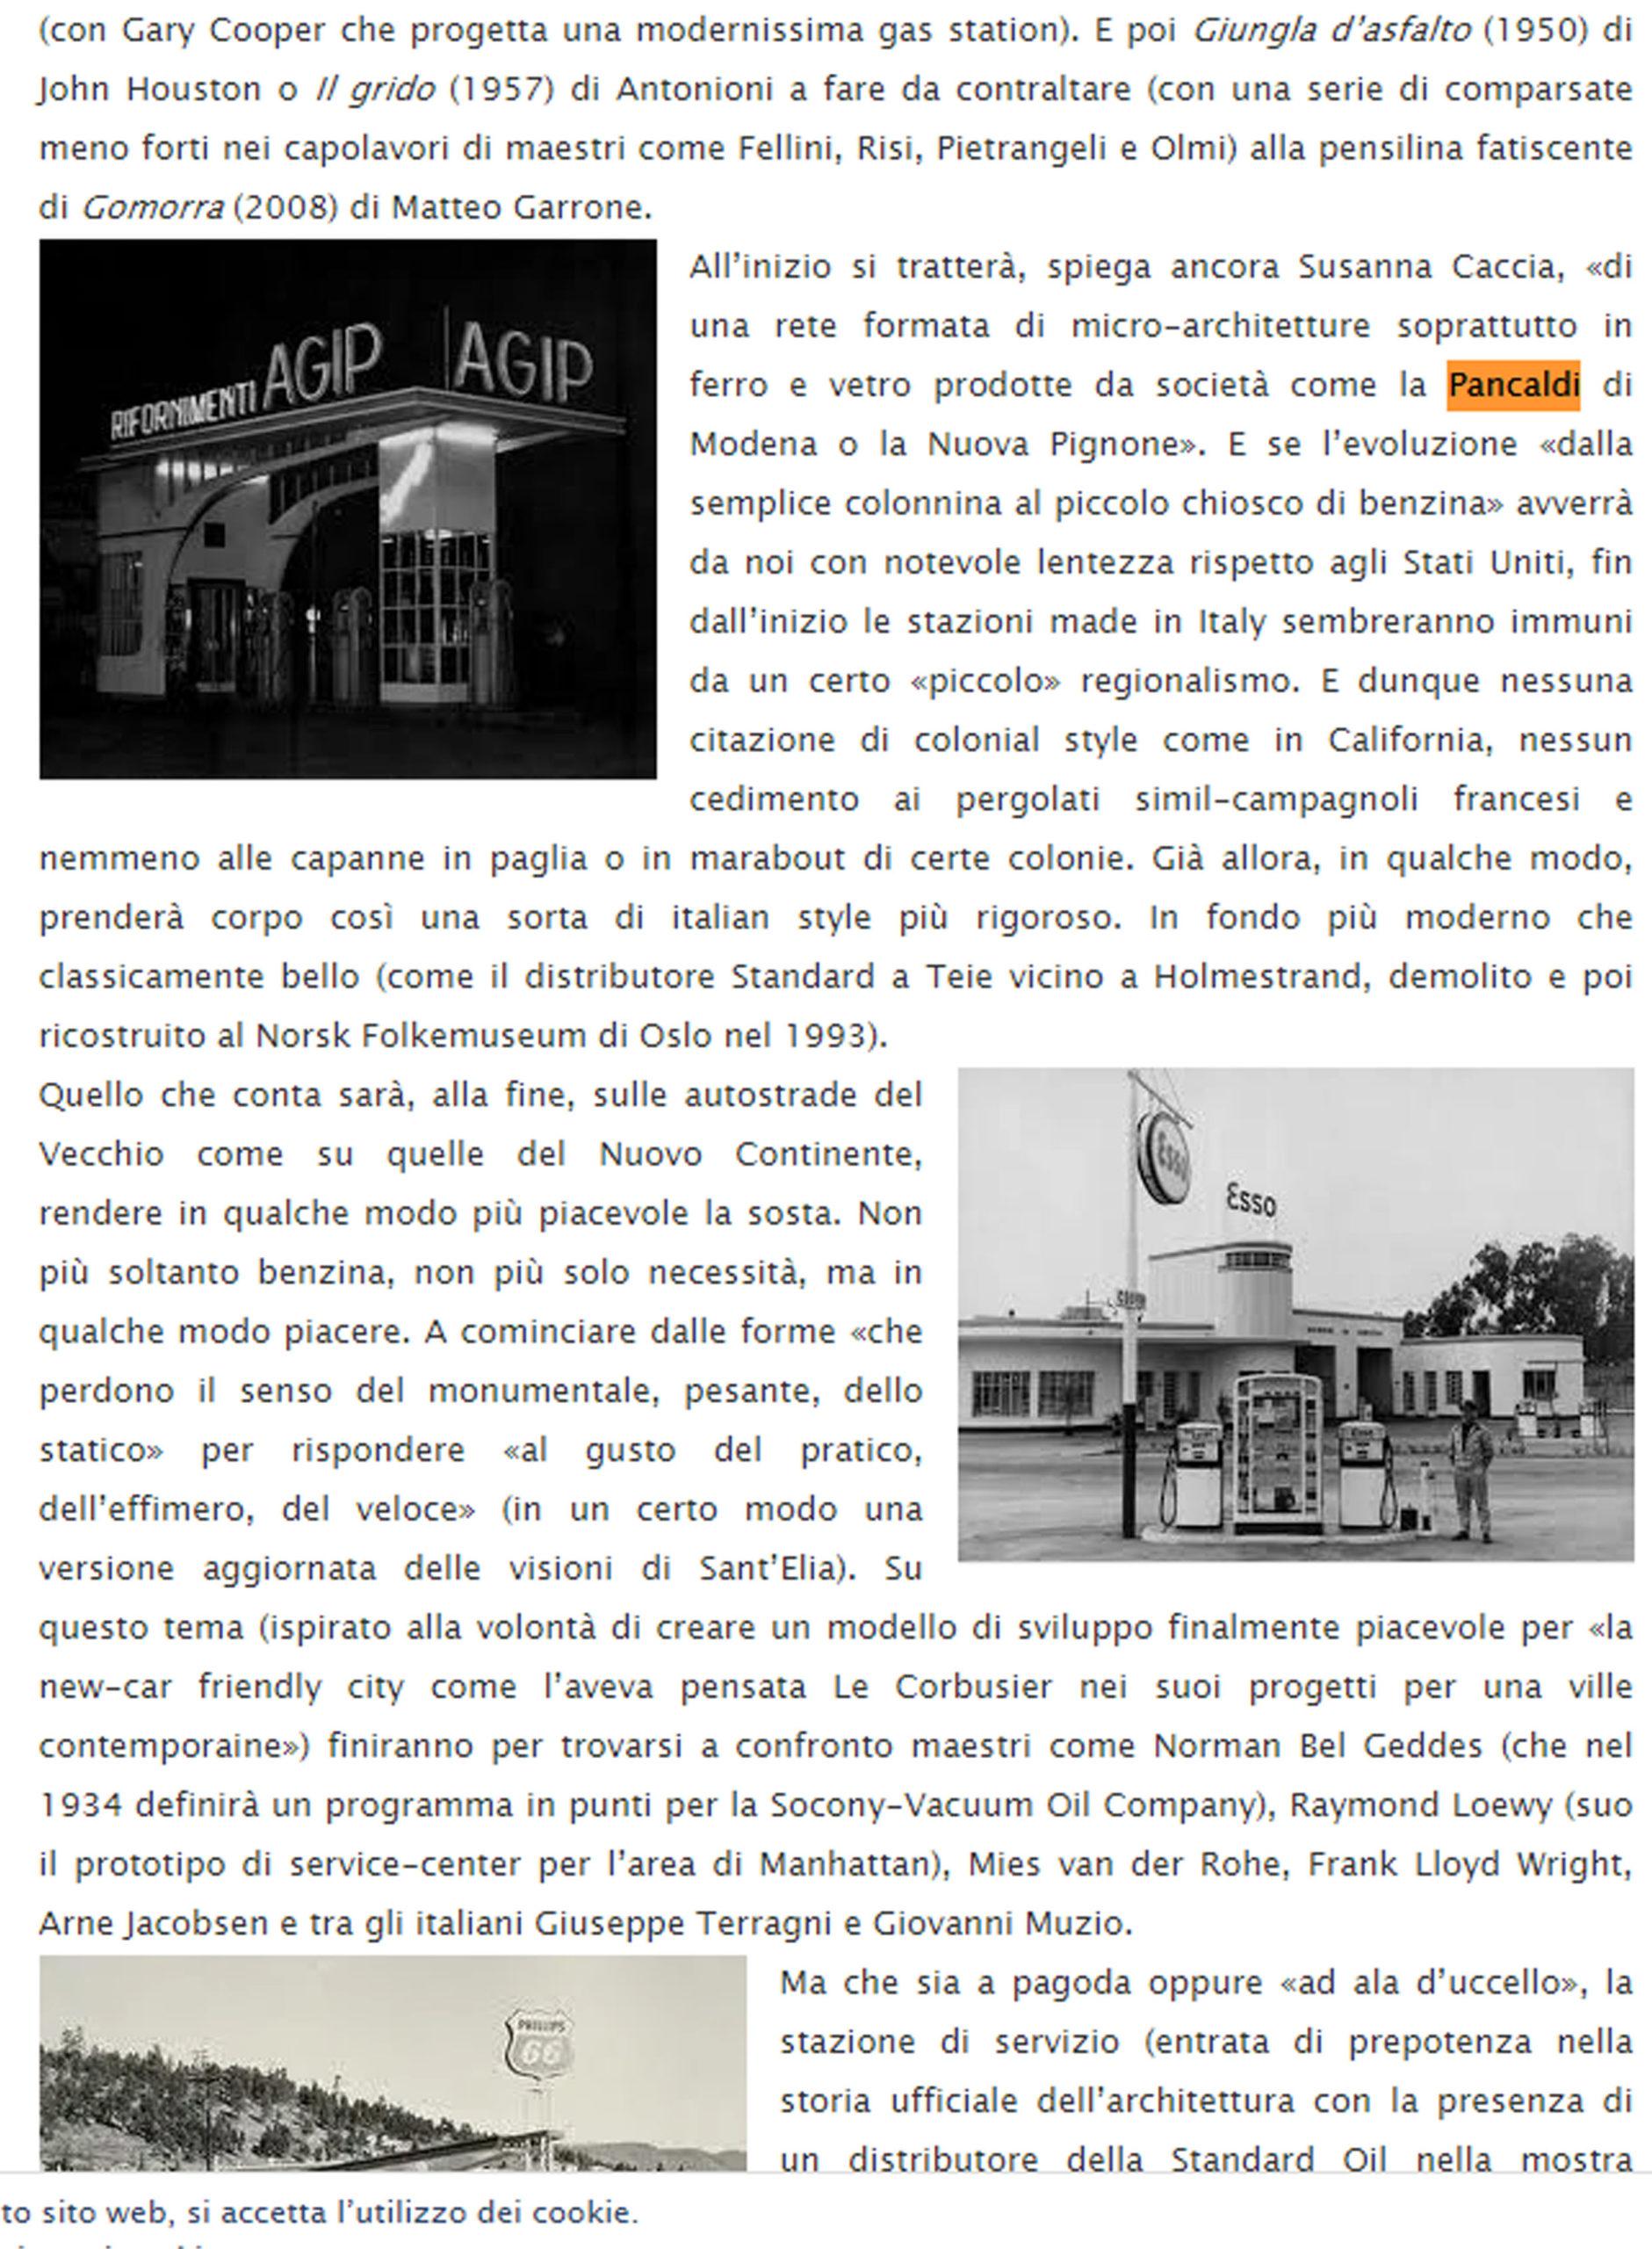 Pancaldi di Modena